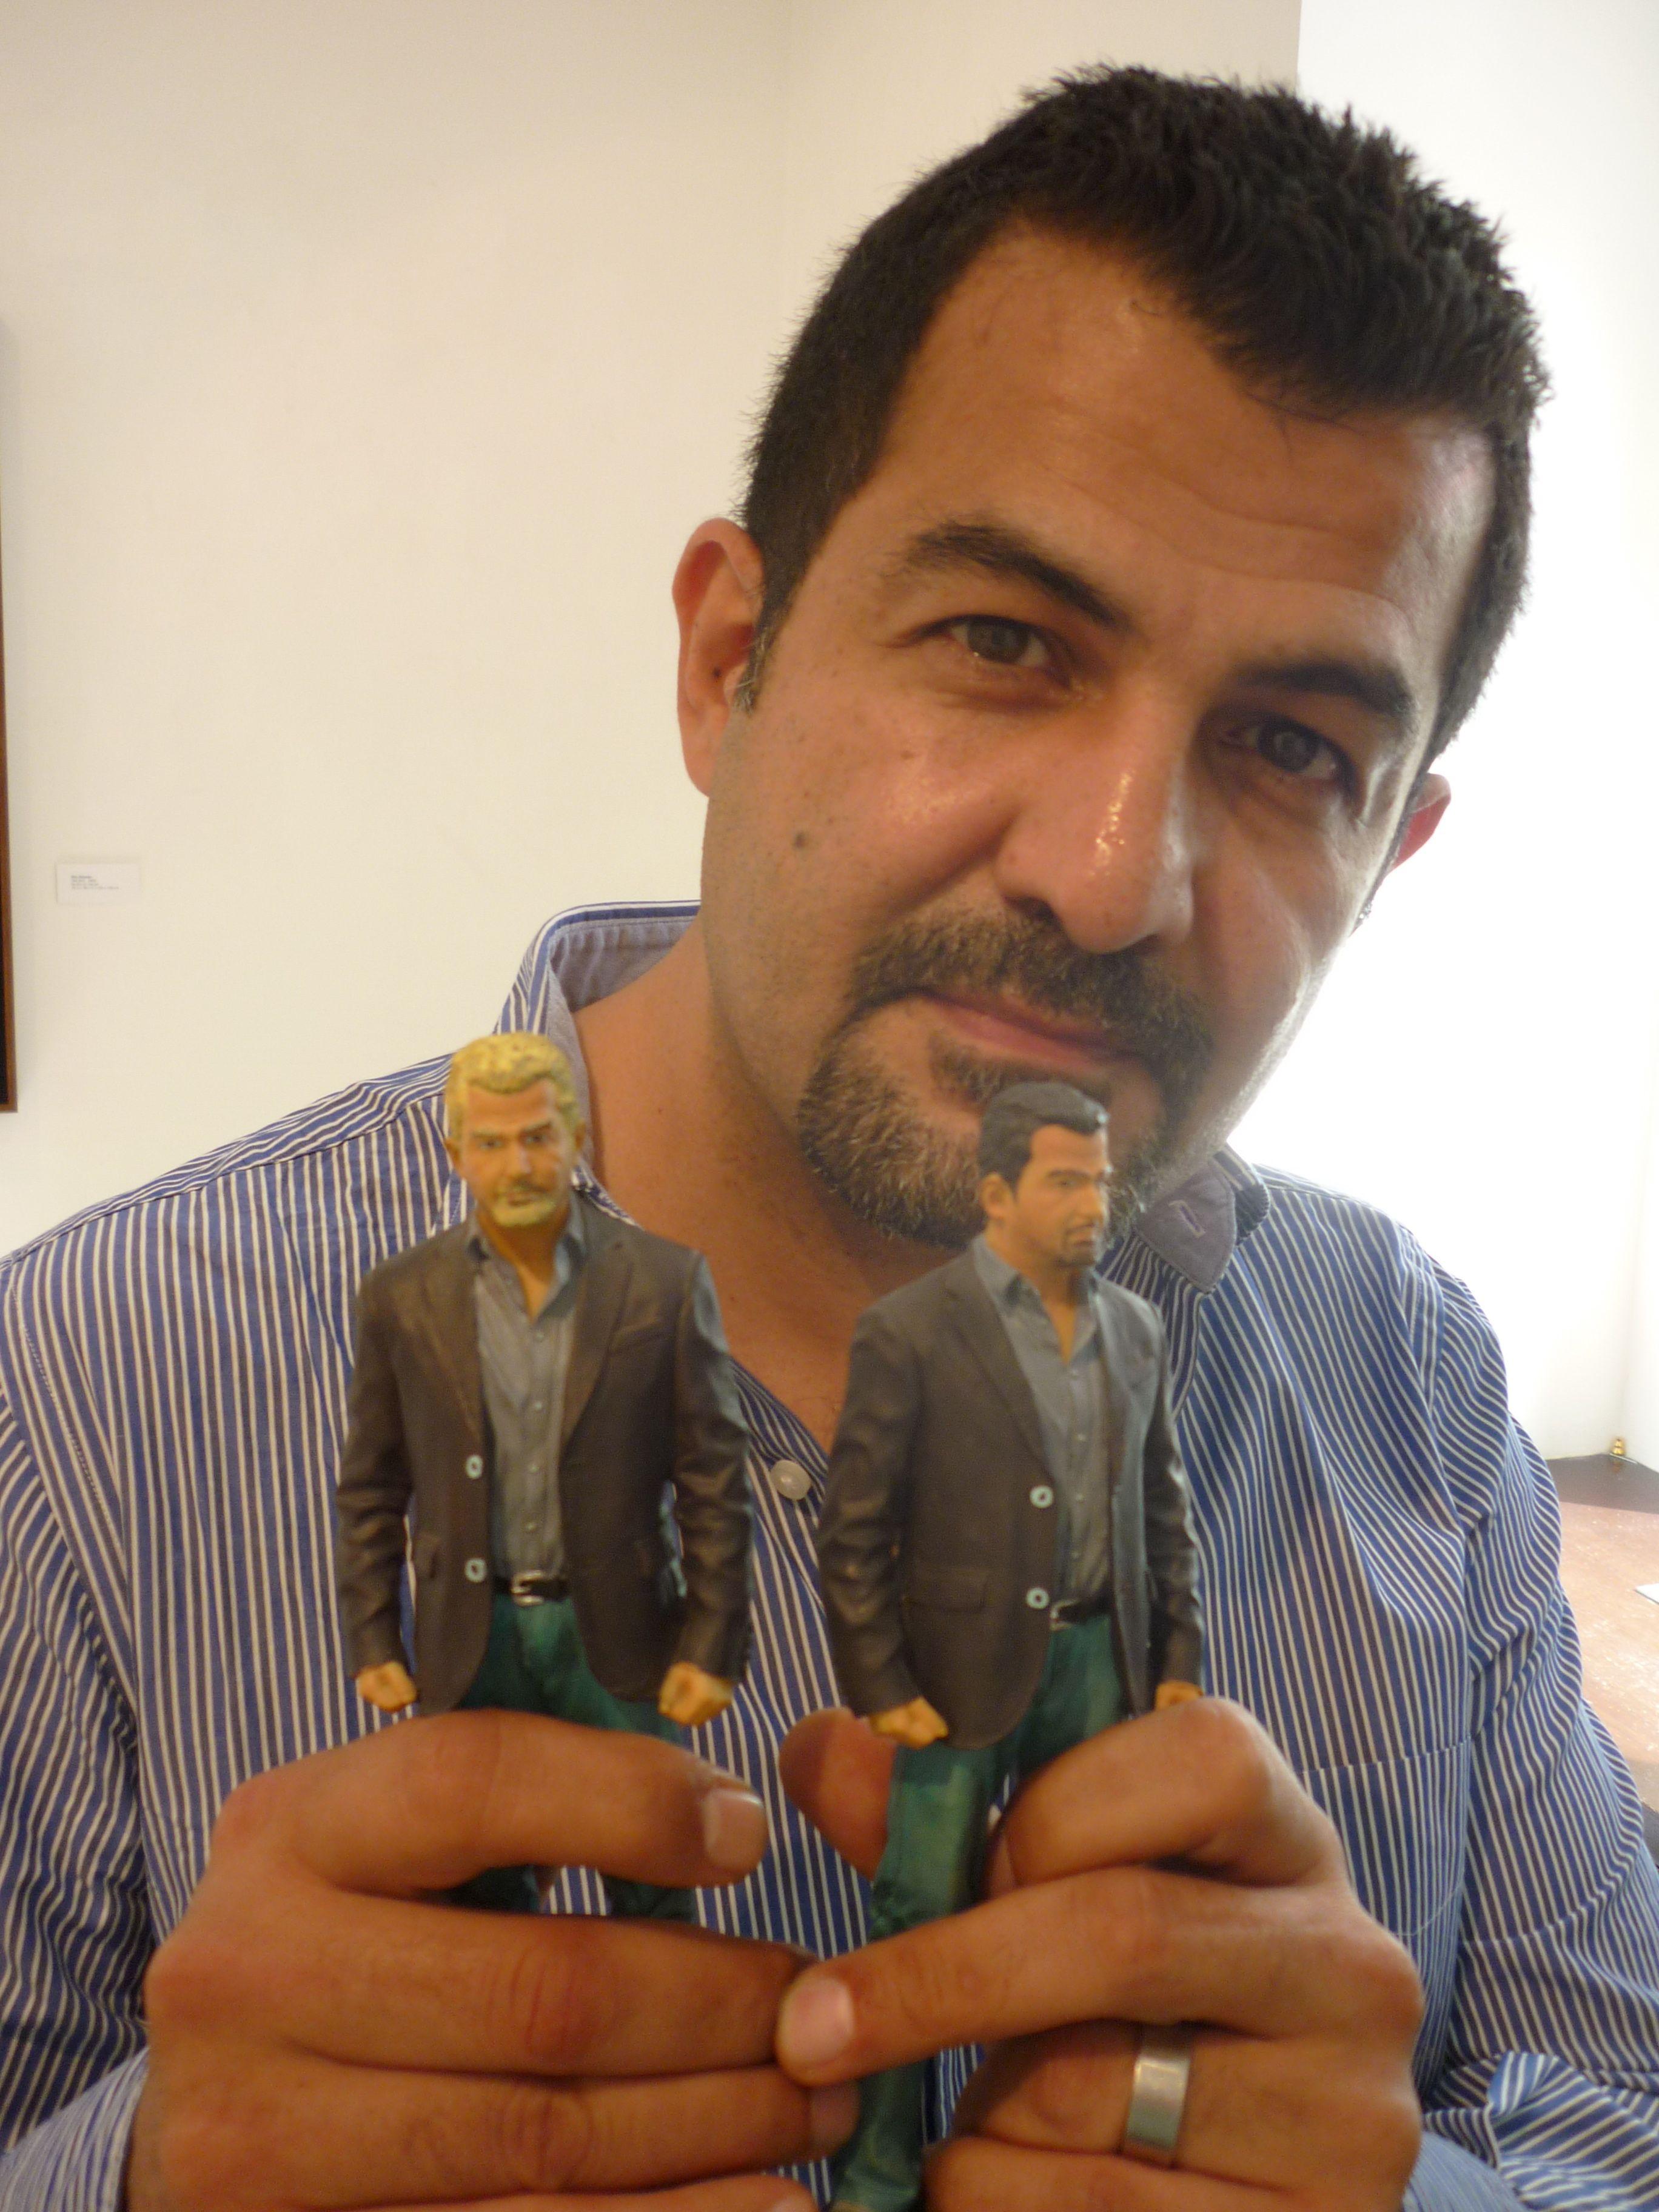 El artista iraní Mahmud Obaidi